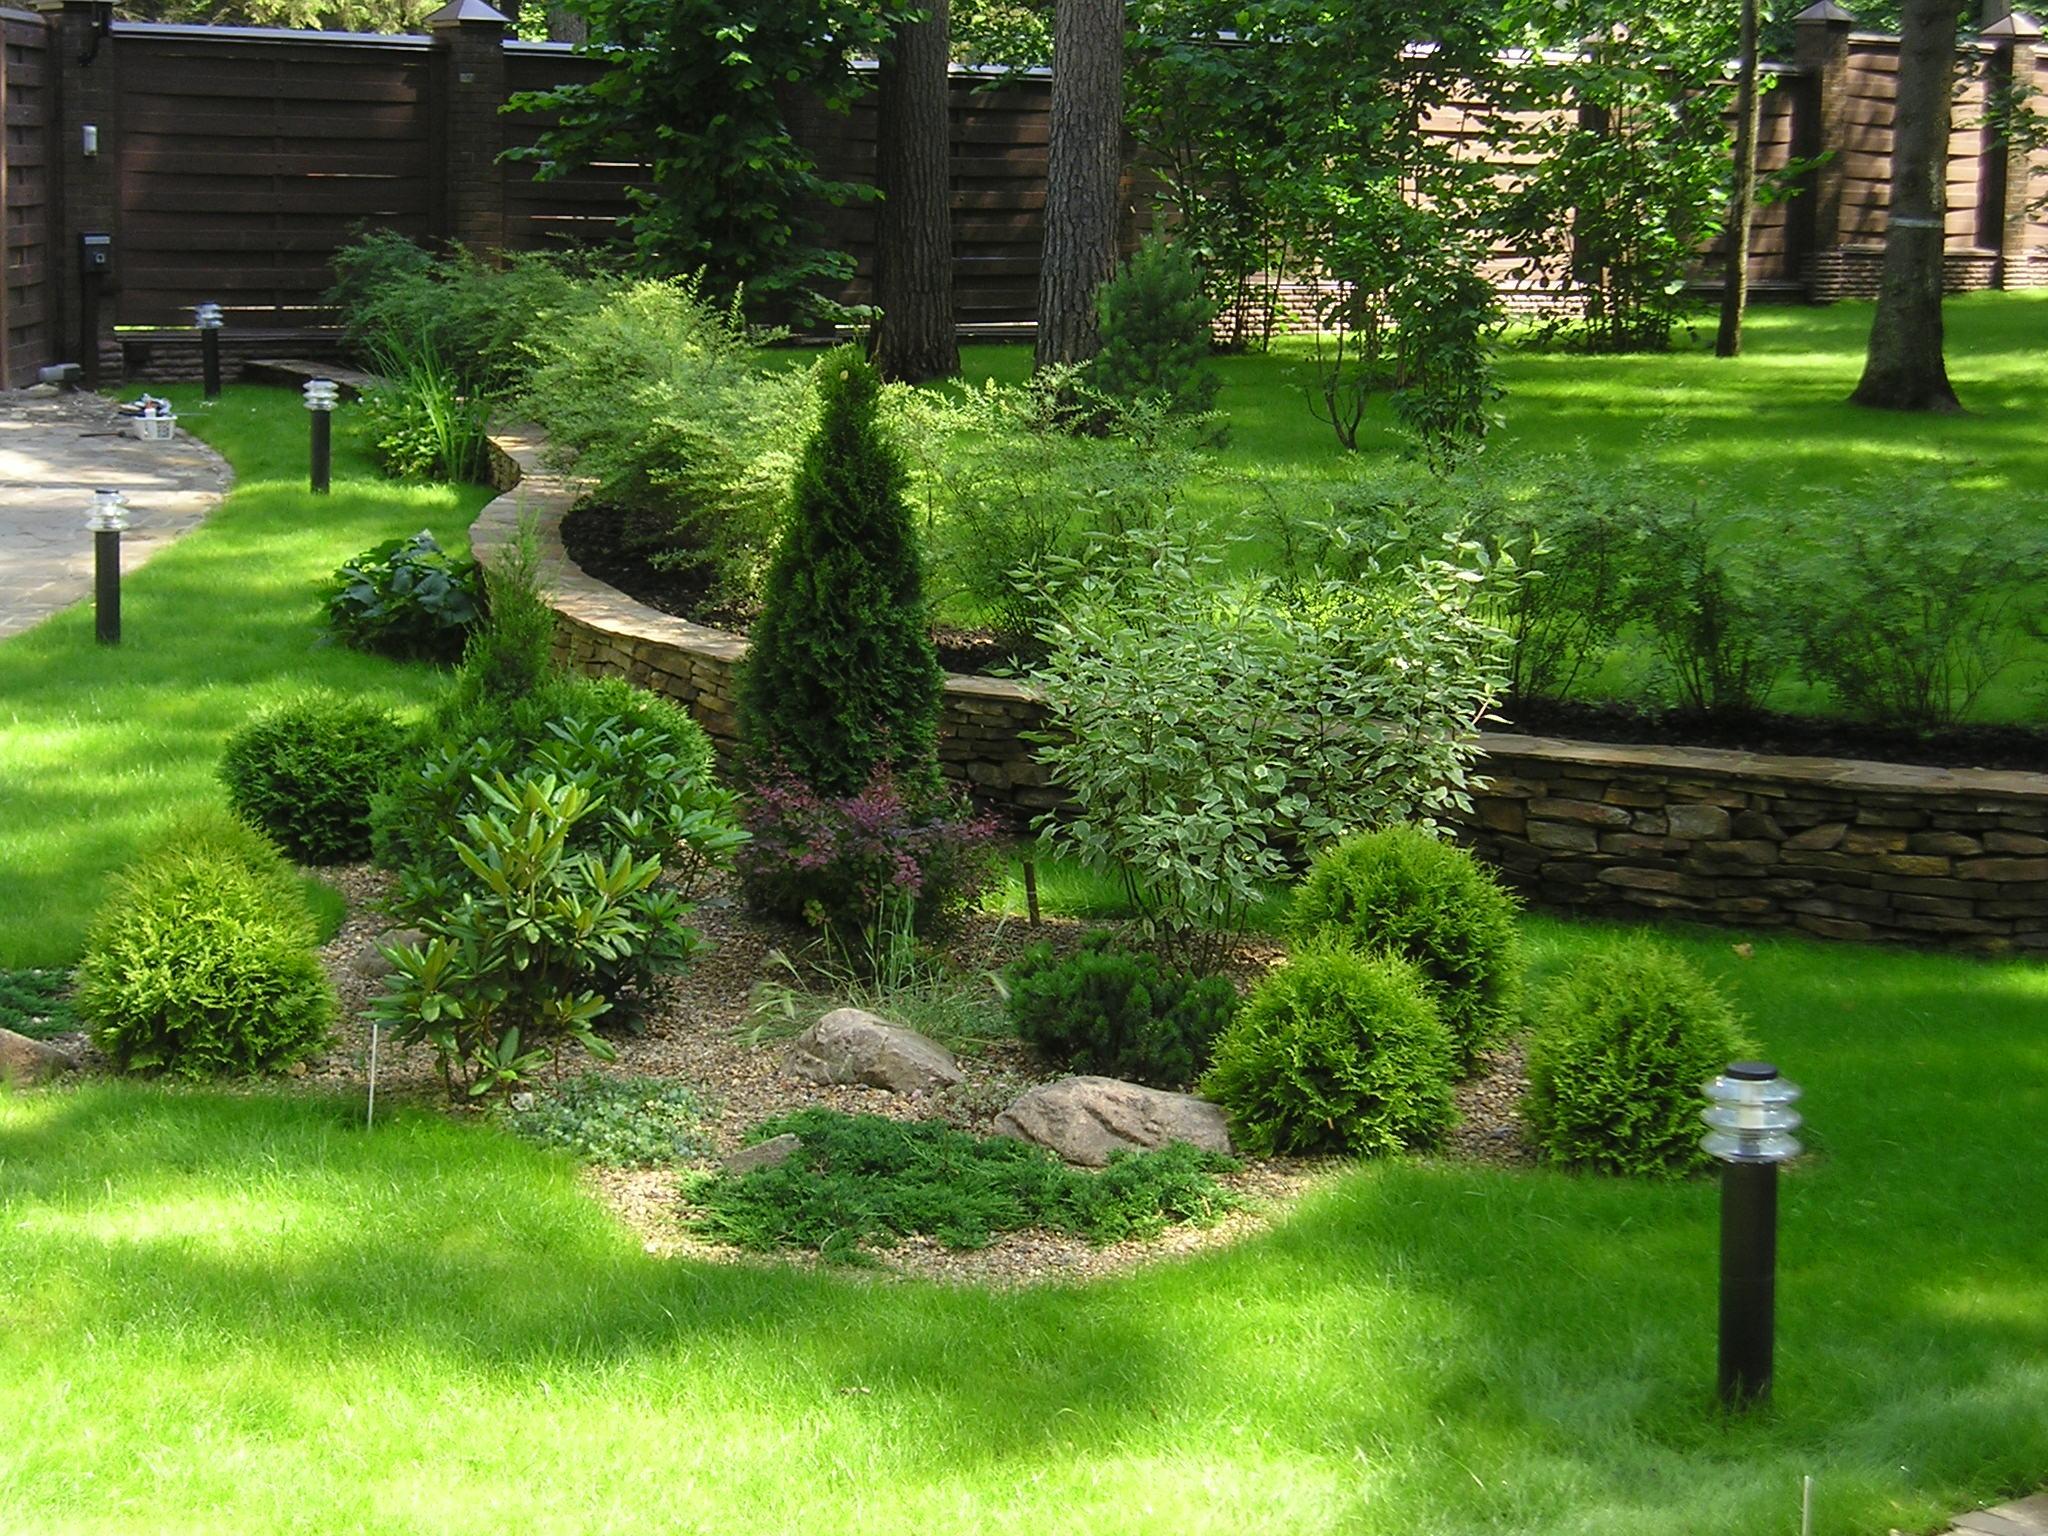 ланш дизайн садового участка фото для начинающих инструмент